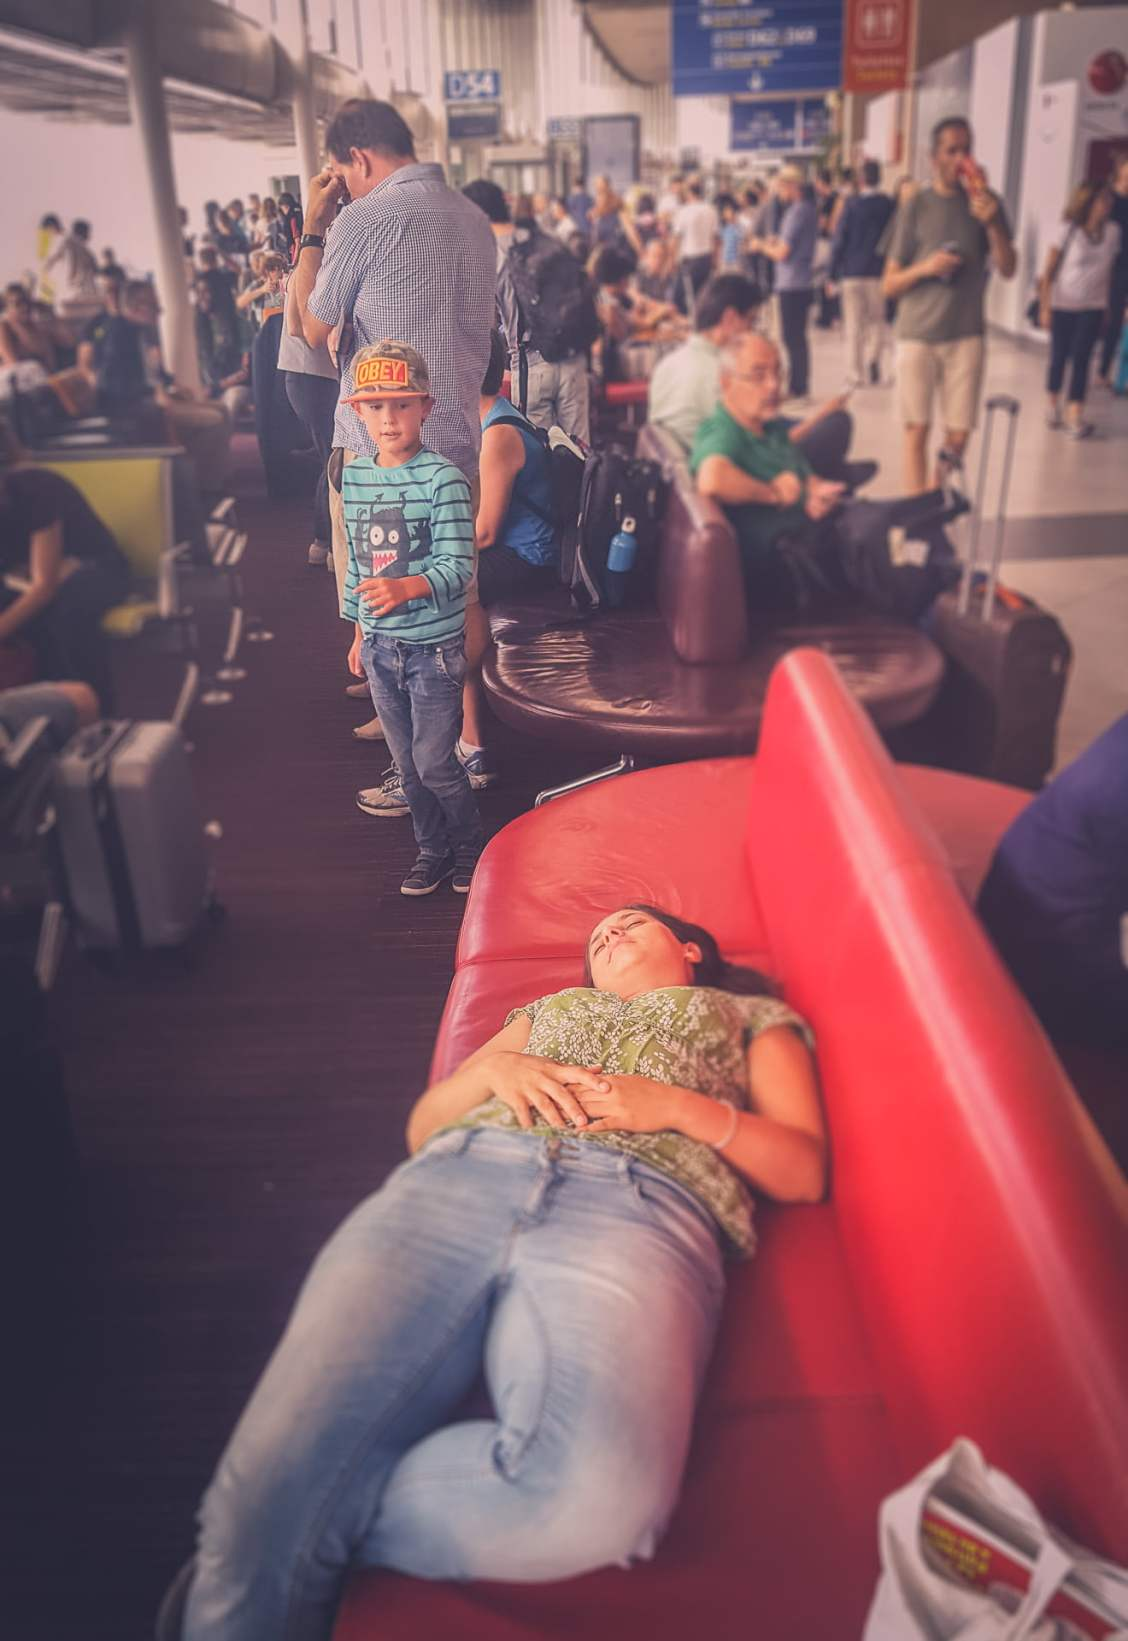 aeroport no stress laura 1